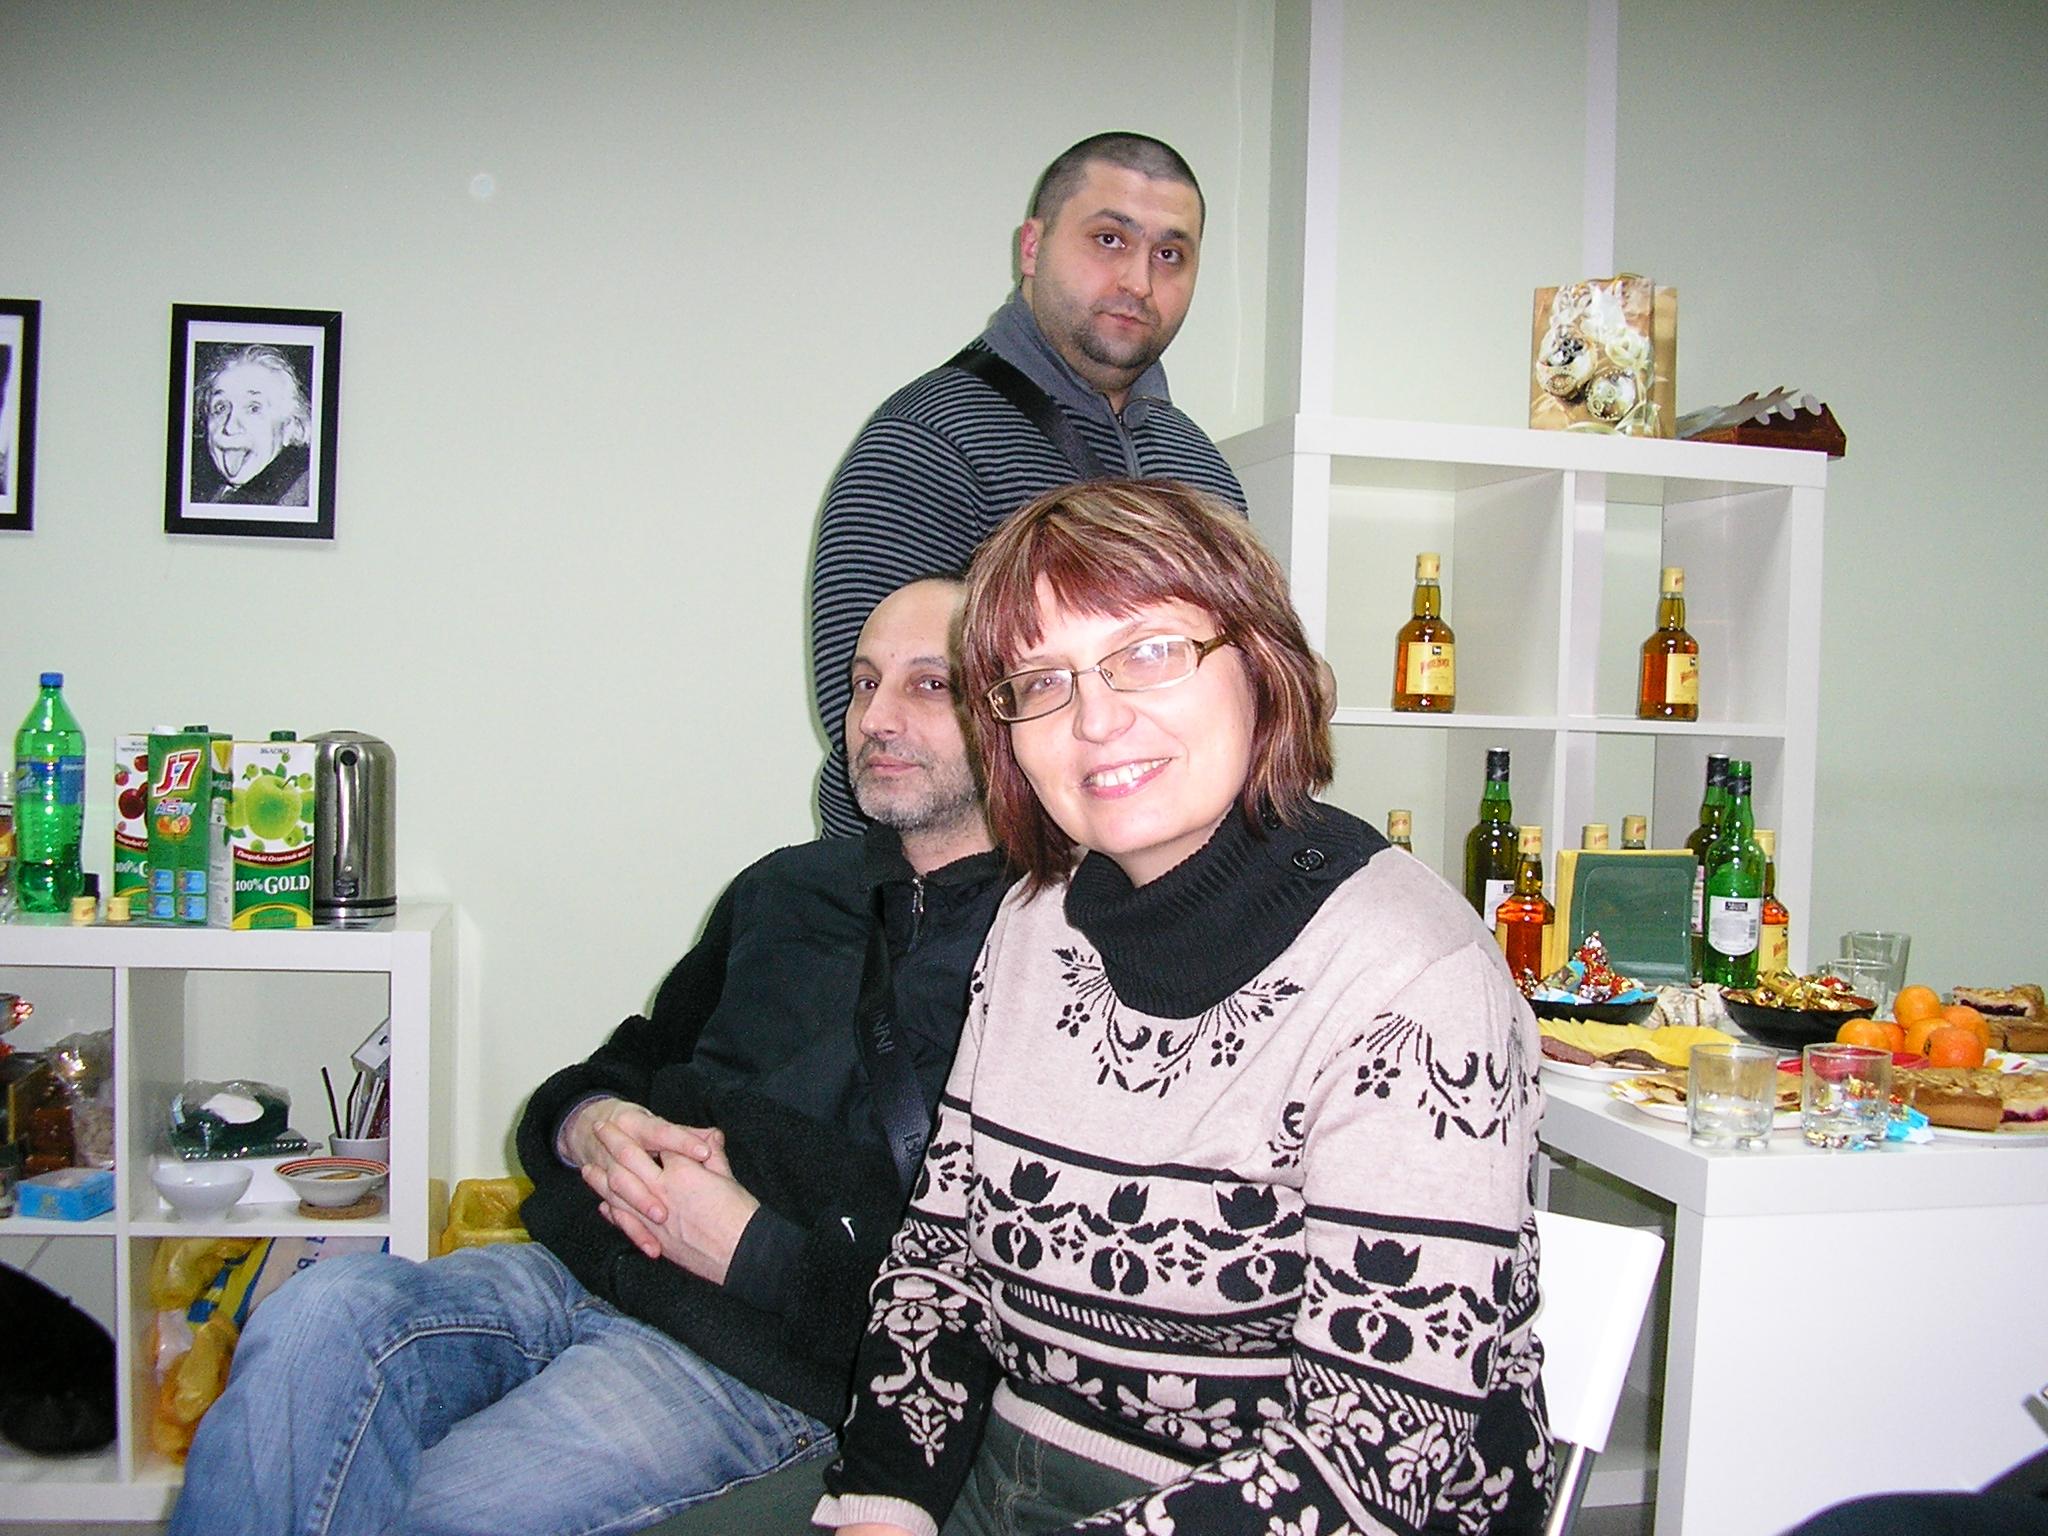 Засекин_Корпоратив_29-12-12-29